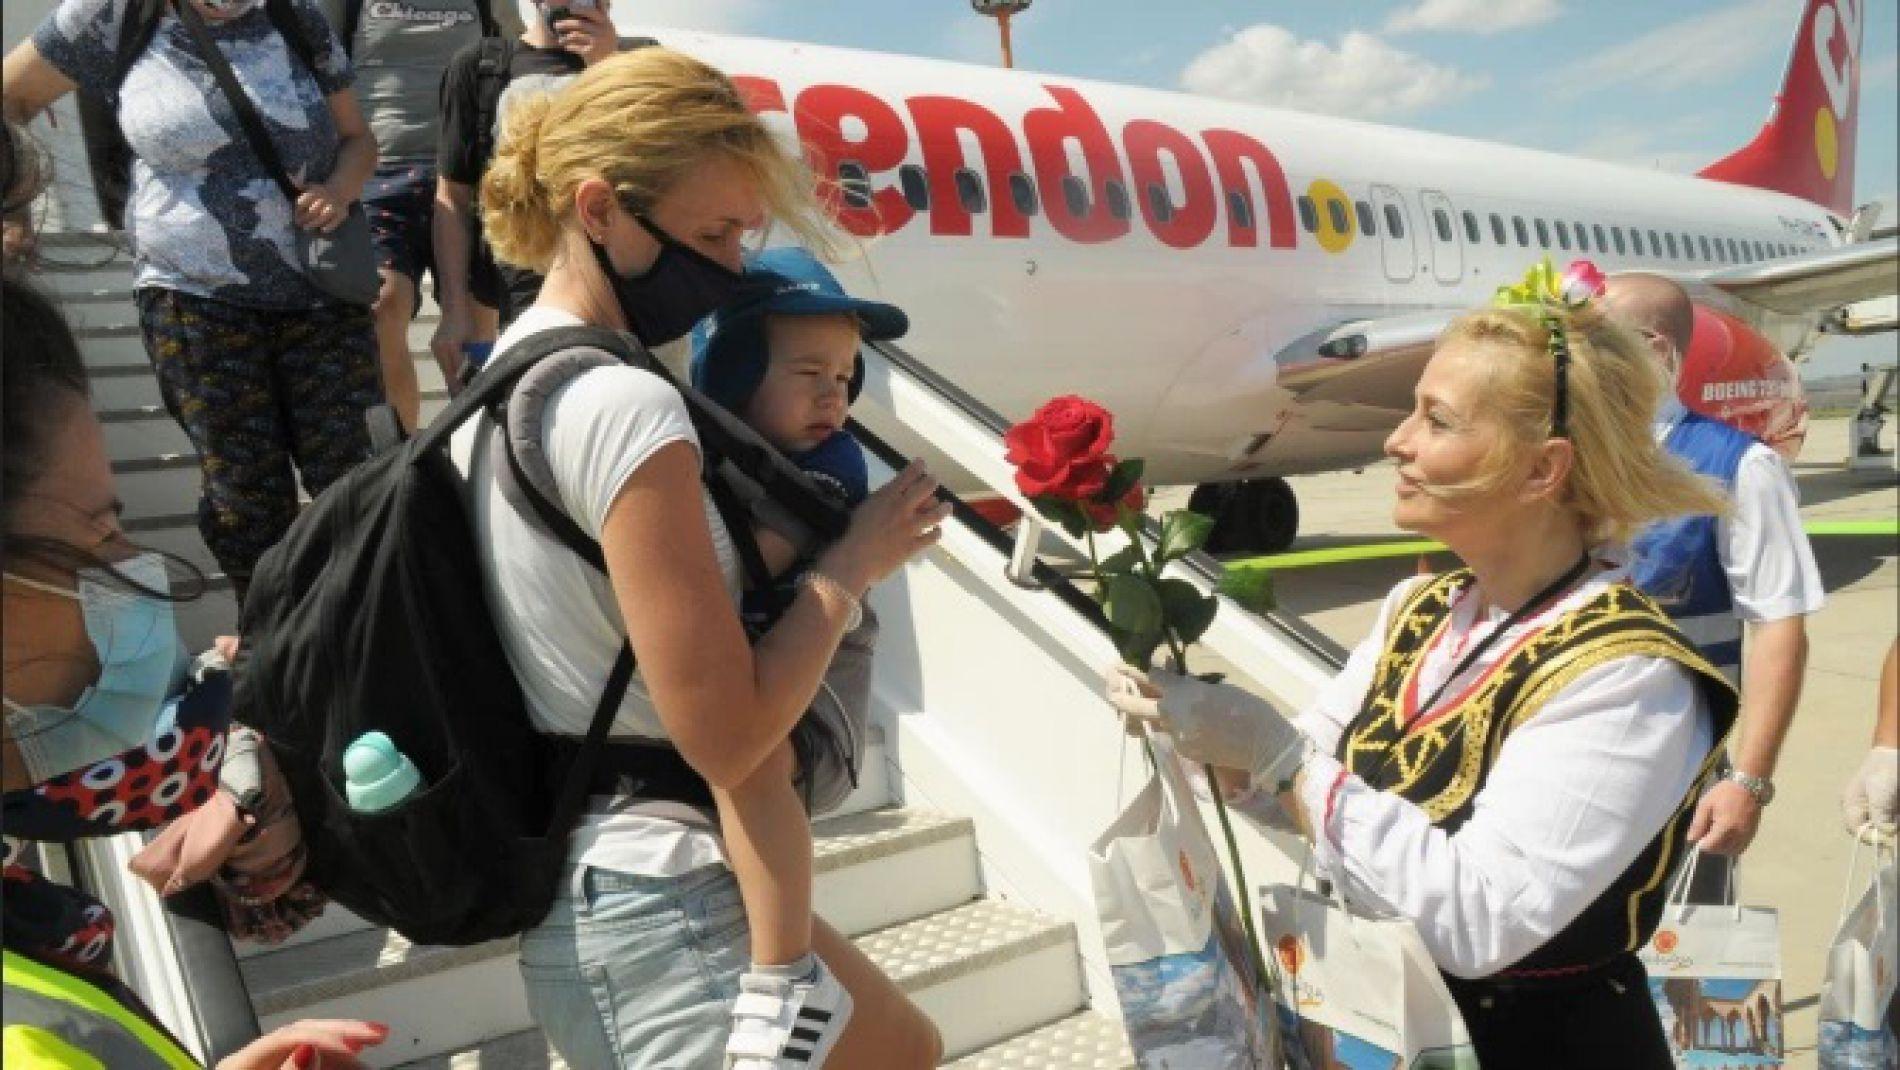 180 туристов прибыли в аэропорт Бургас первым чартерным рейсом из Украины